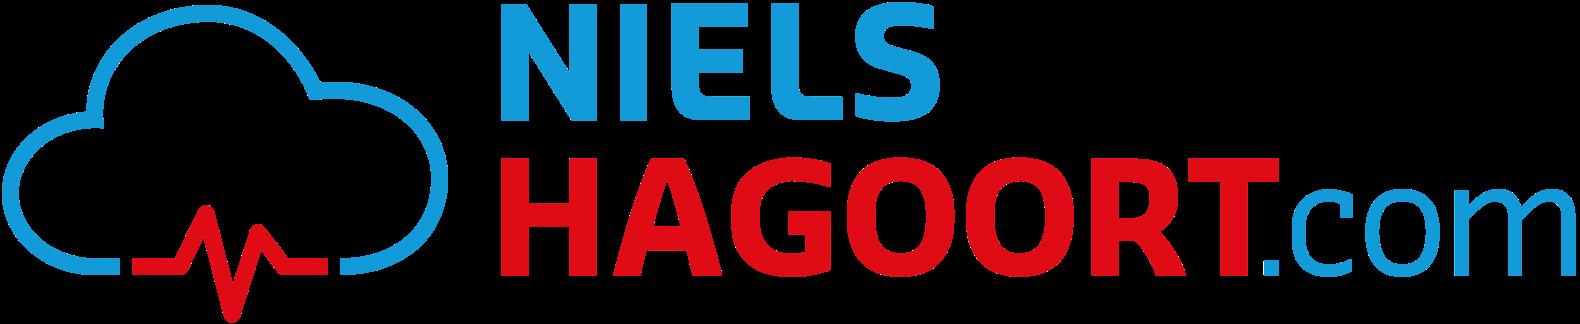 NielsHagoort.com